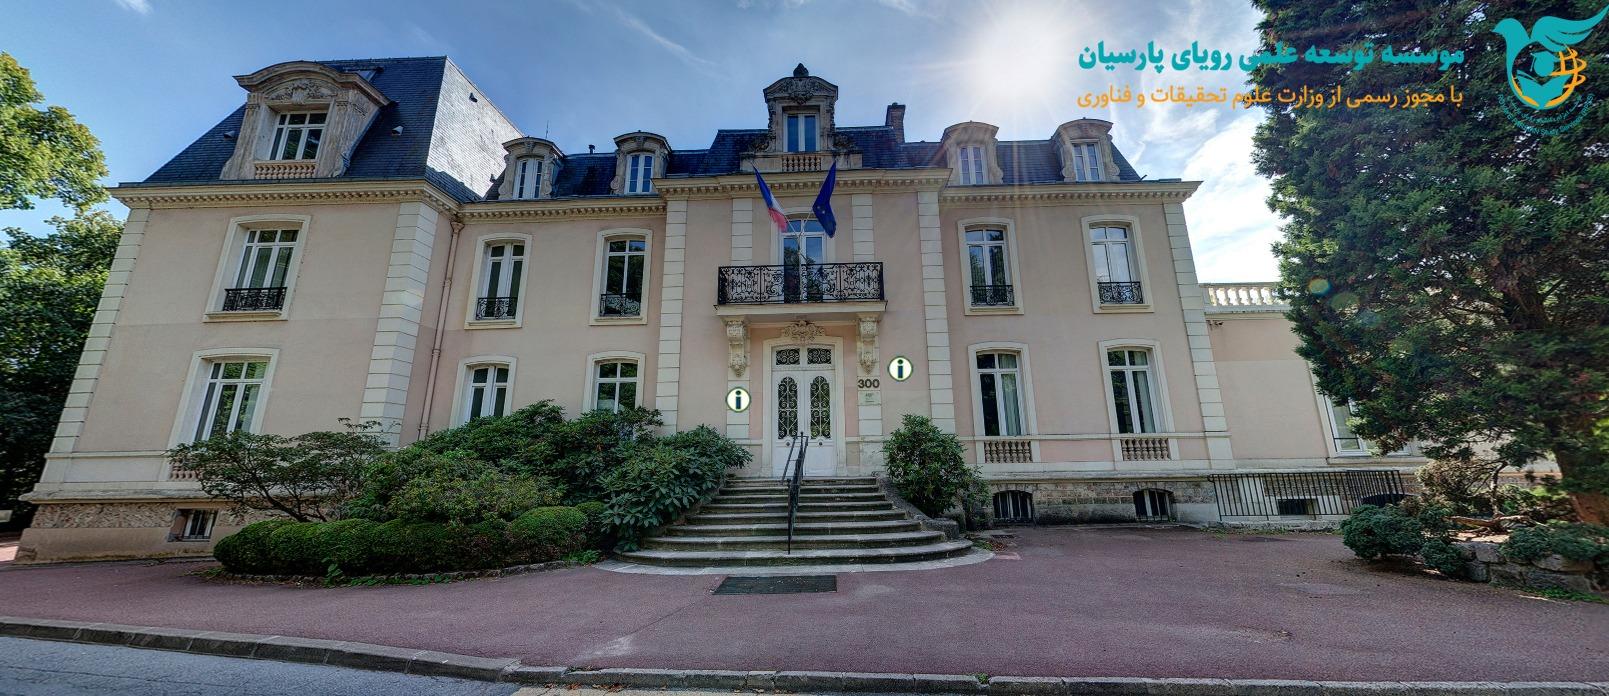 دانشگاه پیر و ماری کوری پاریس